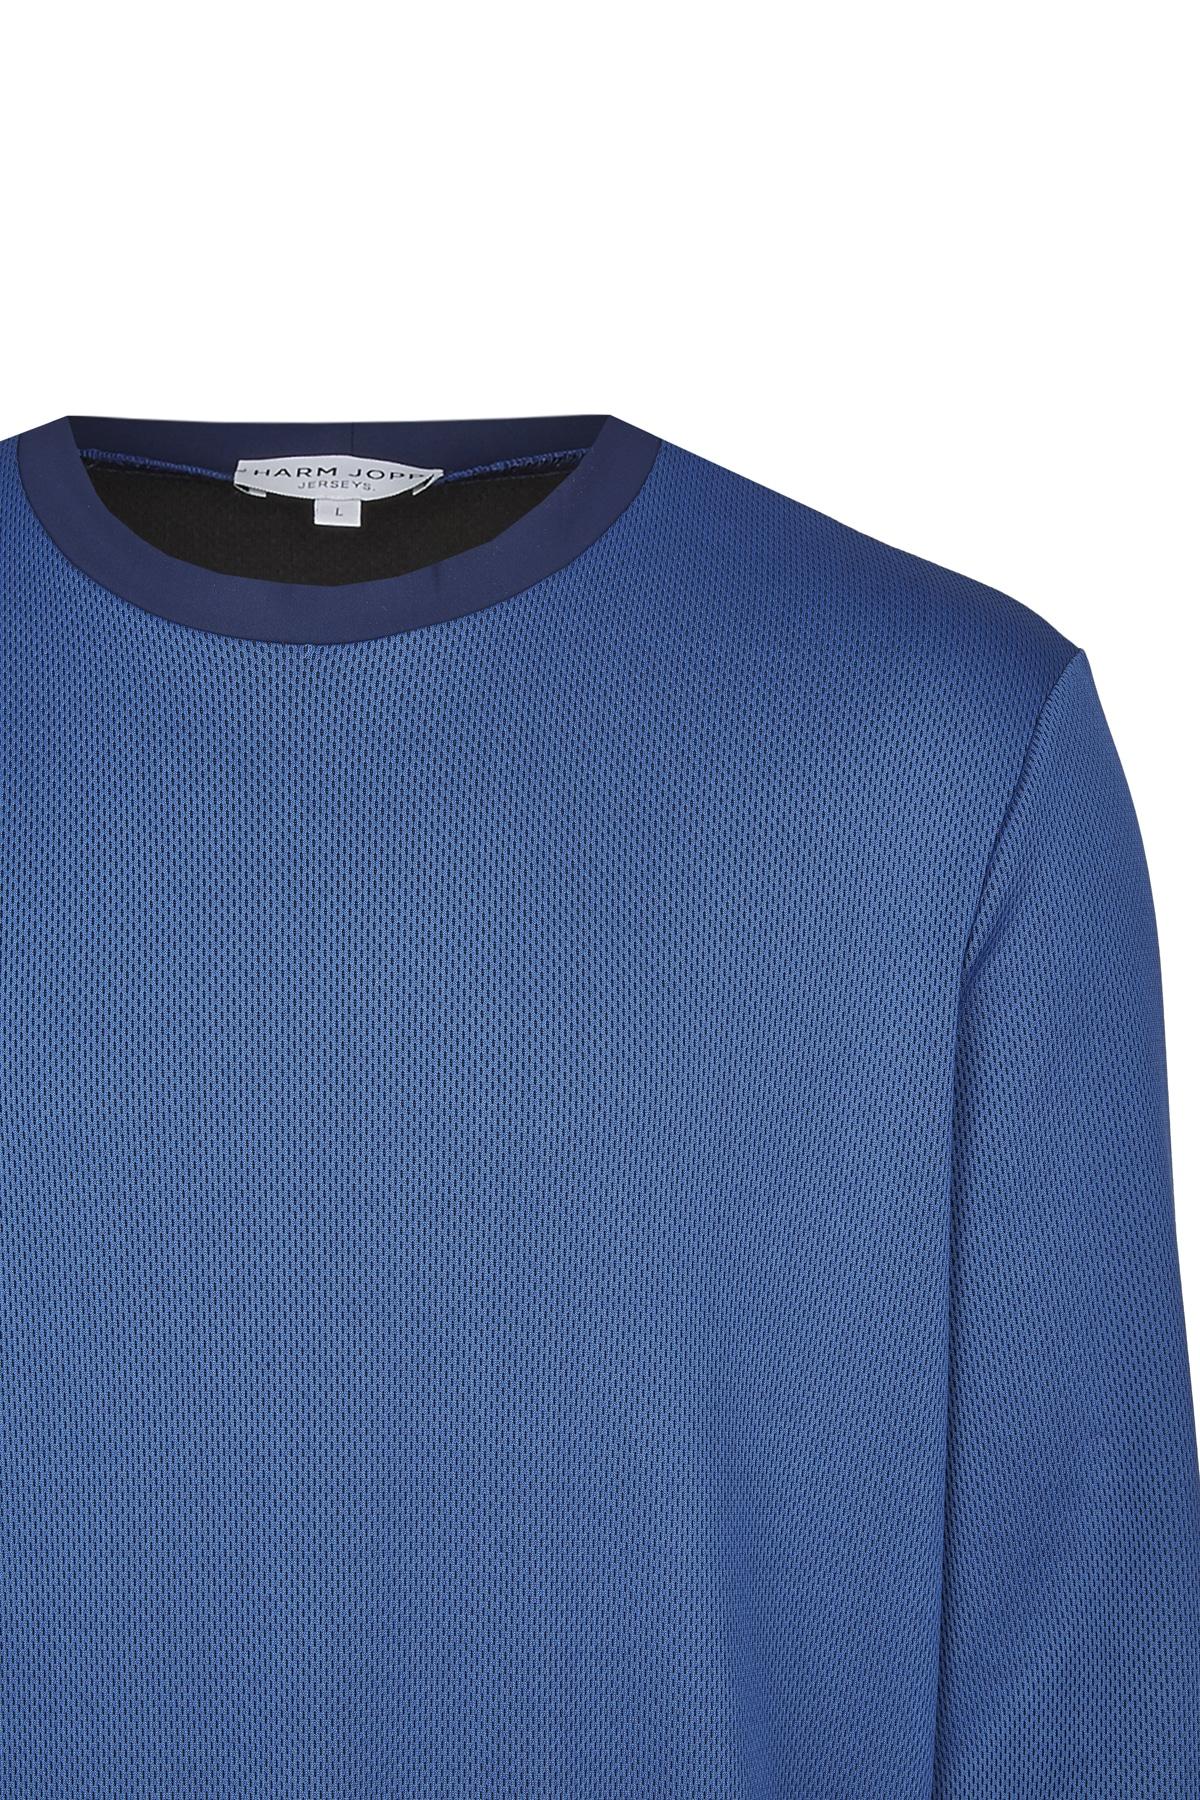 Sweatshirt_blau_mesh_3